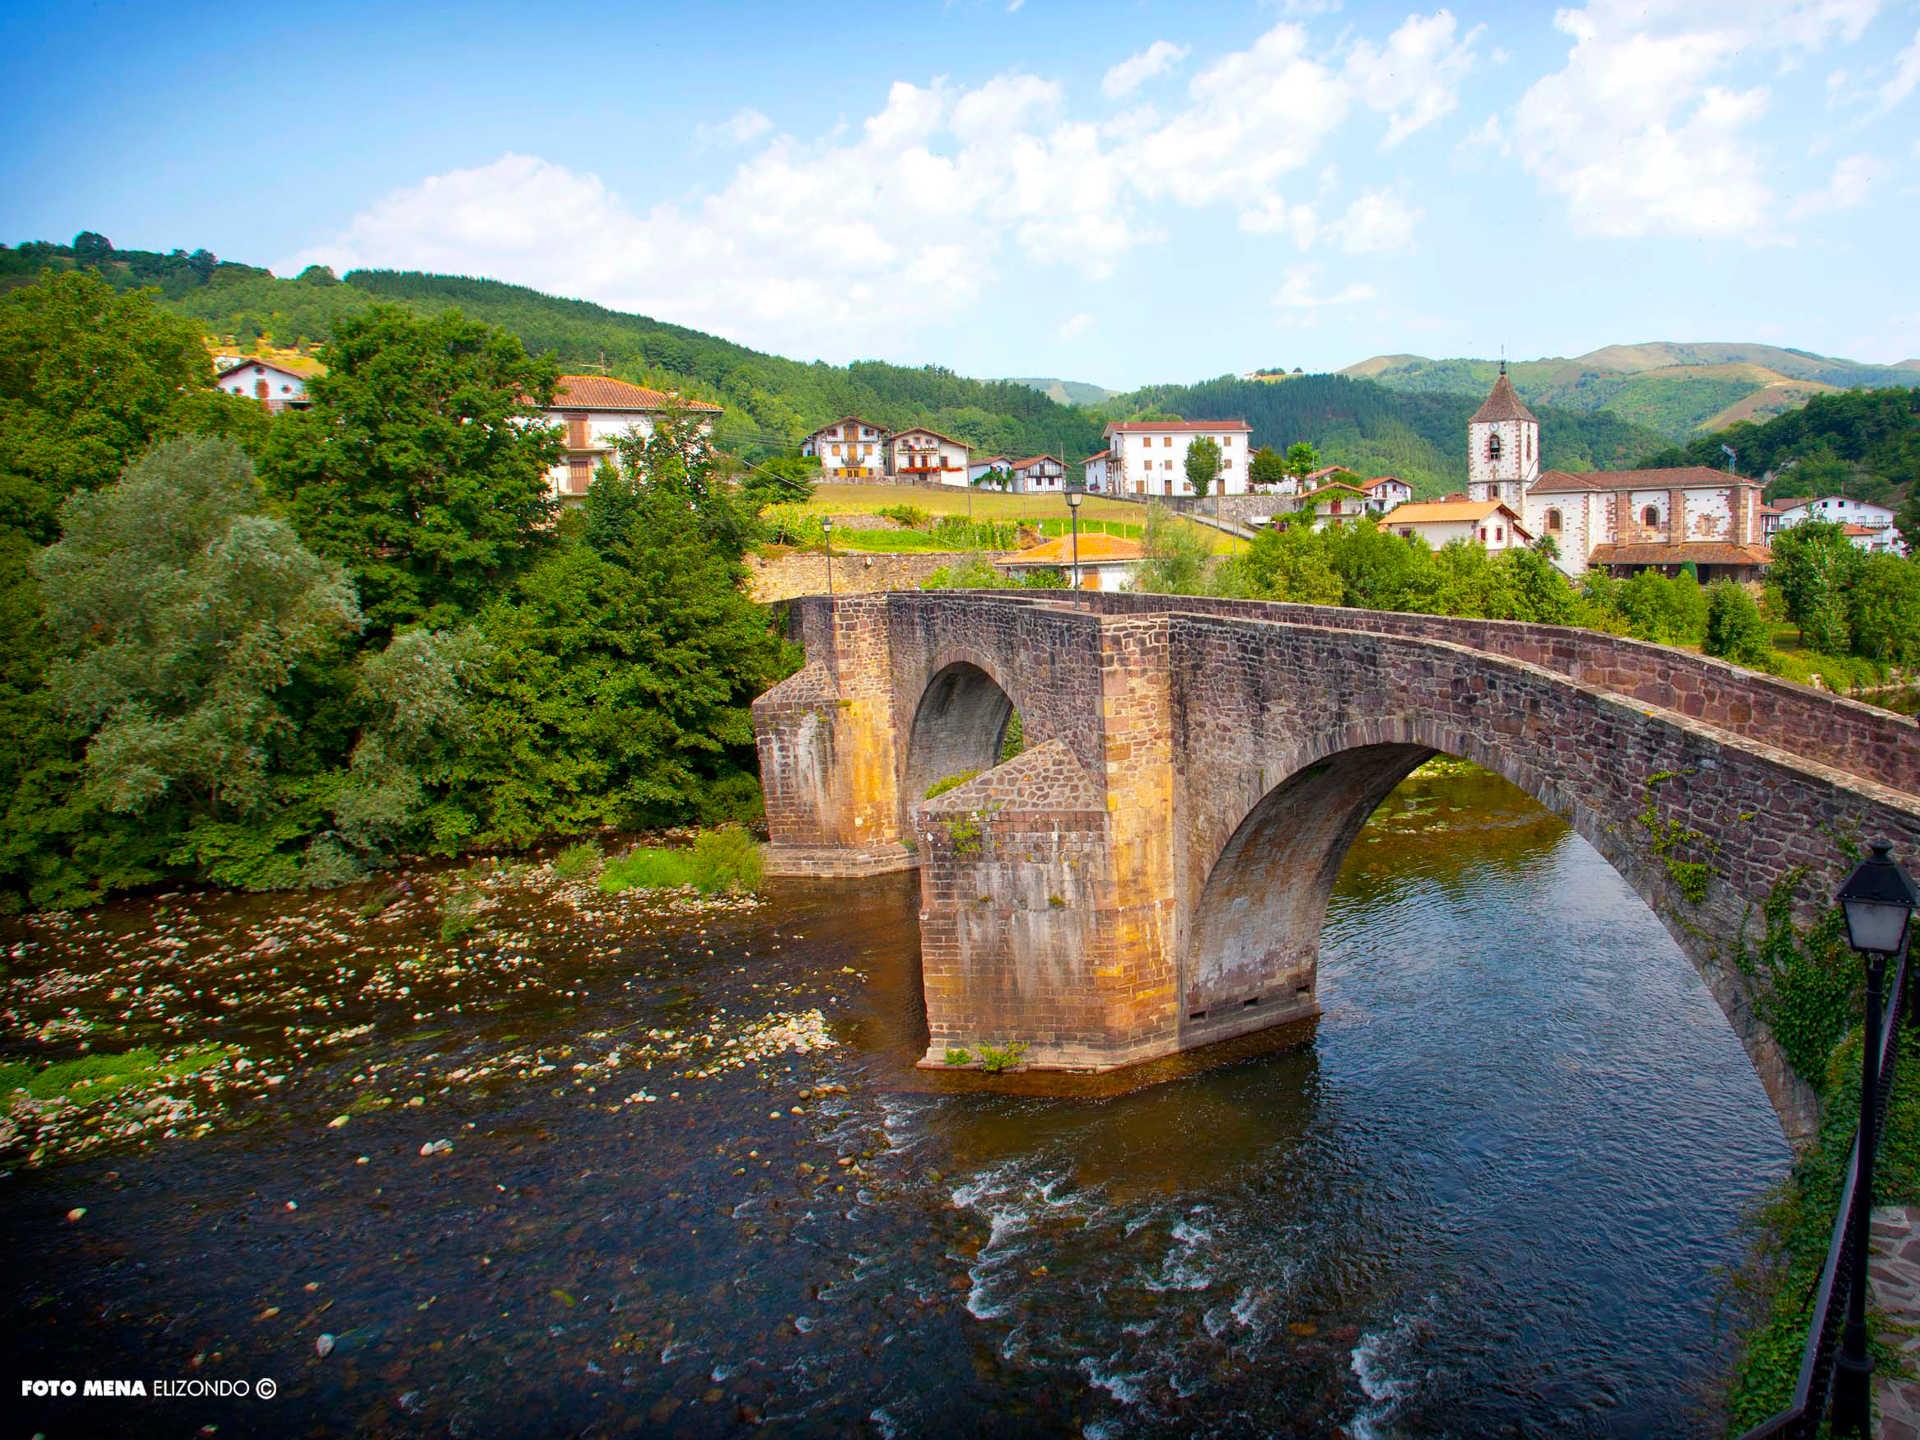 nto con bañera Navarra, nte de sunbilla inicio, puente medieval de Sunbilla